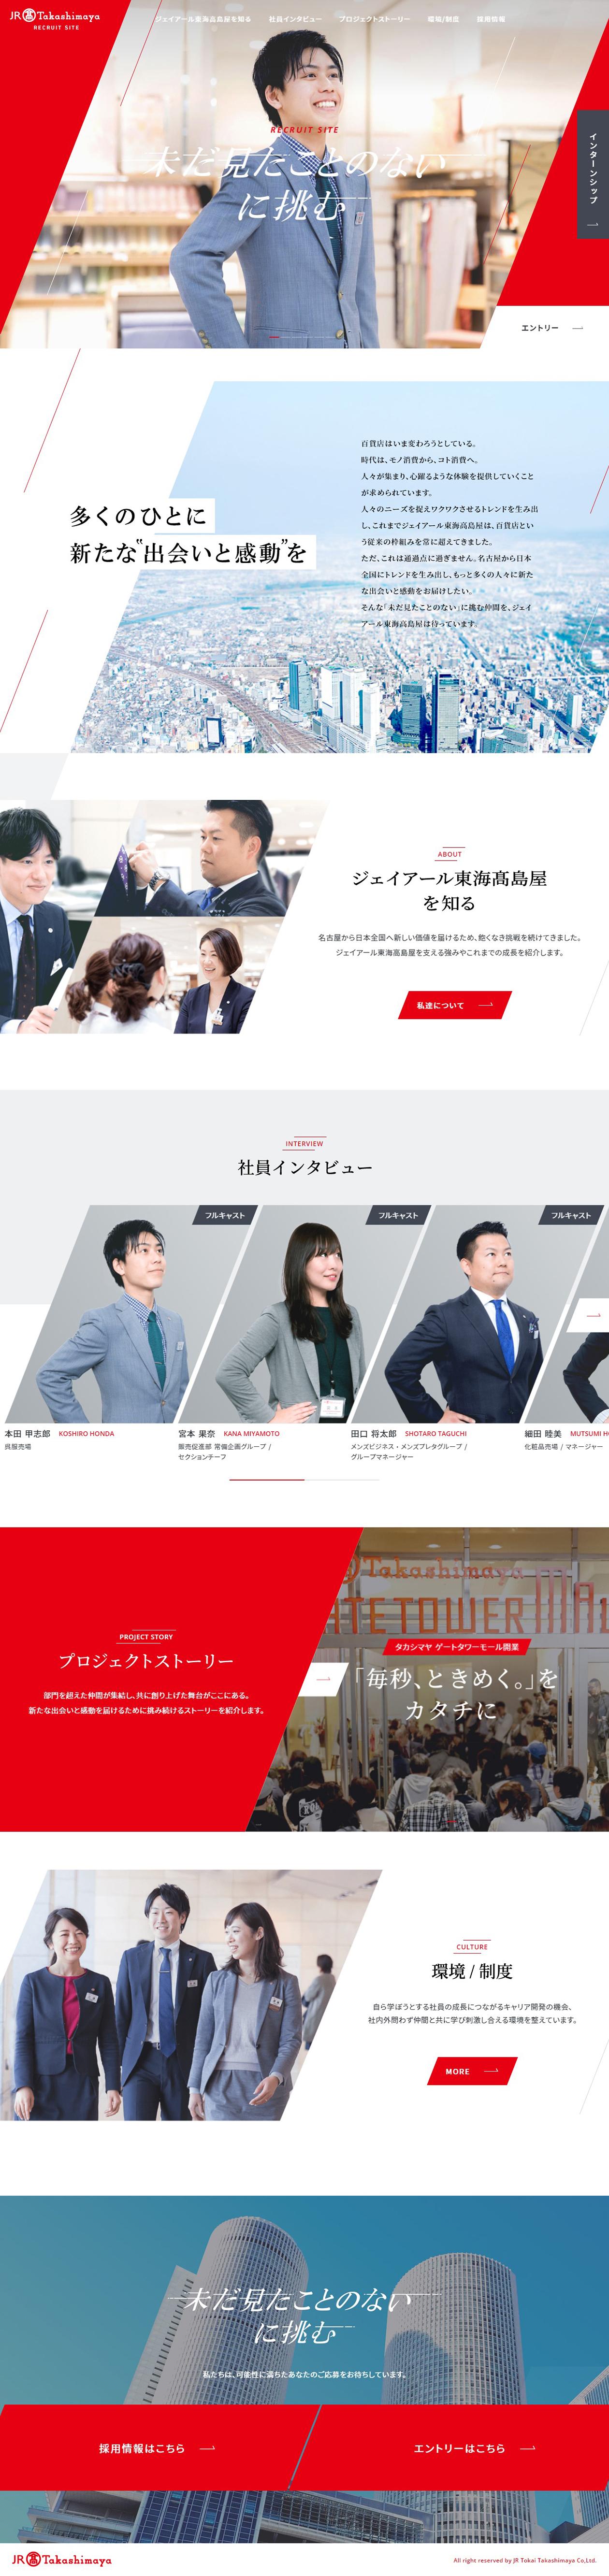 株式会社ジェイアール東海高島屋 新卒採用ページ